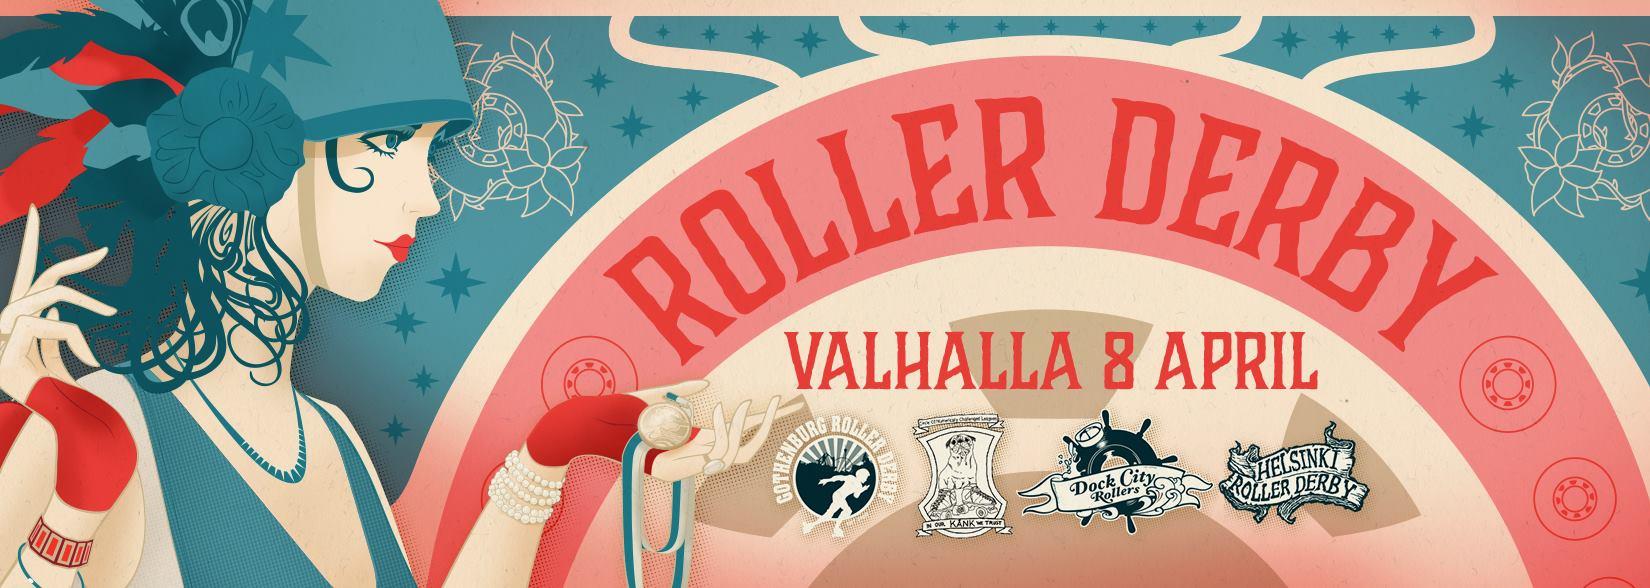 Roller Derby – Triple Header 8th of April